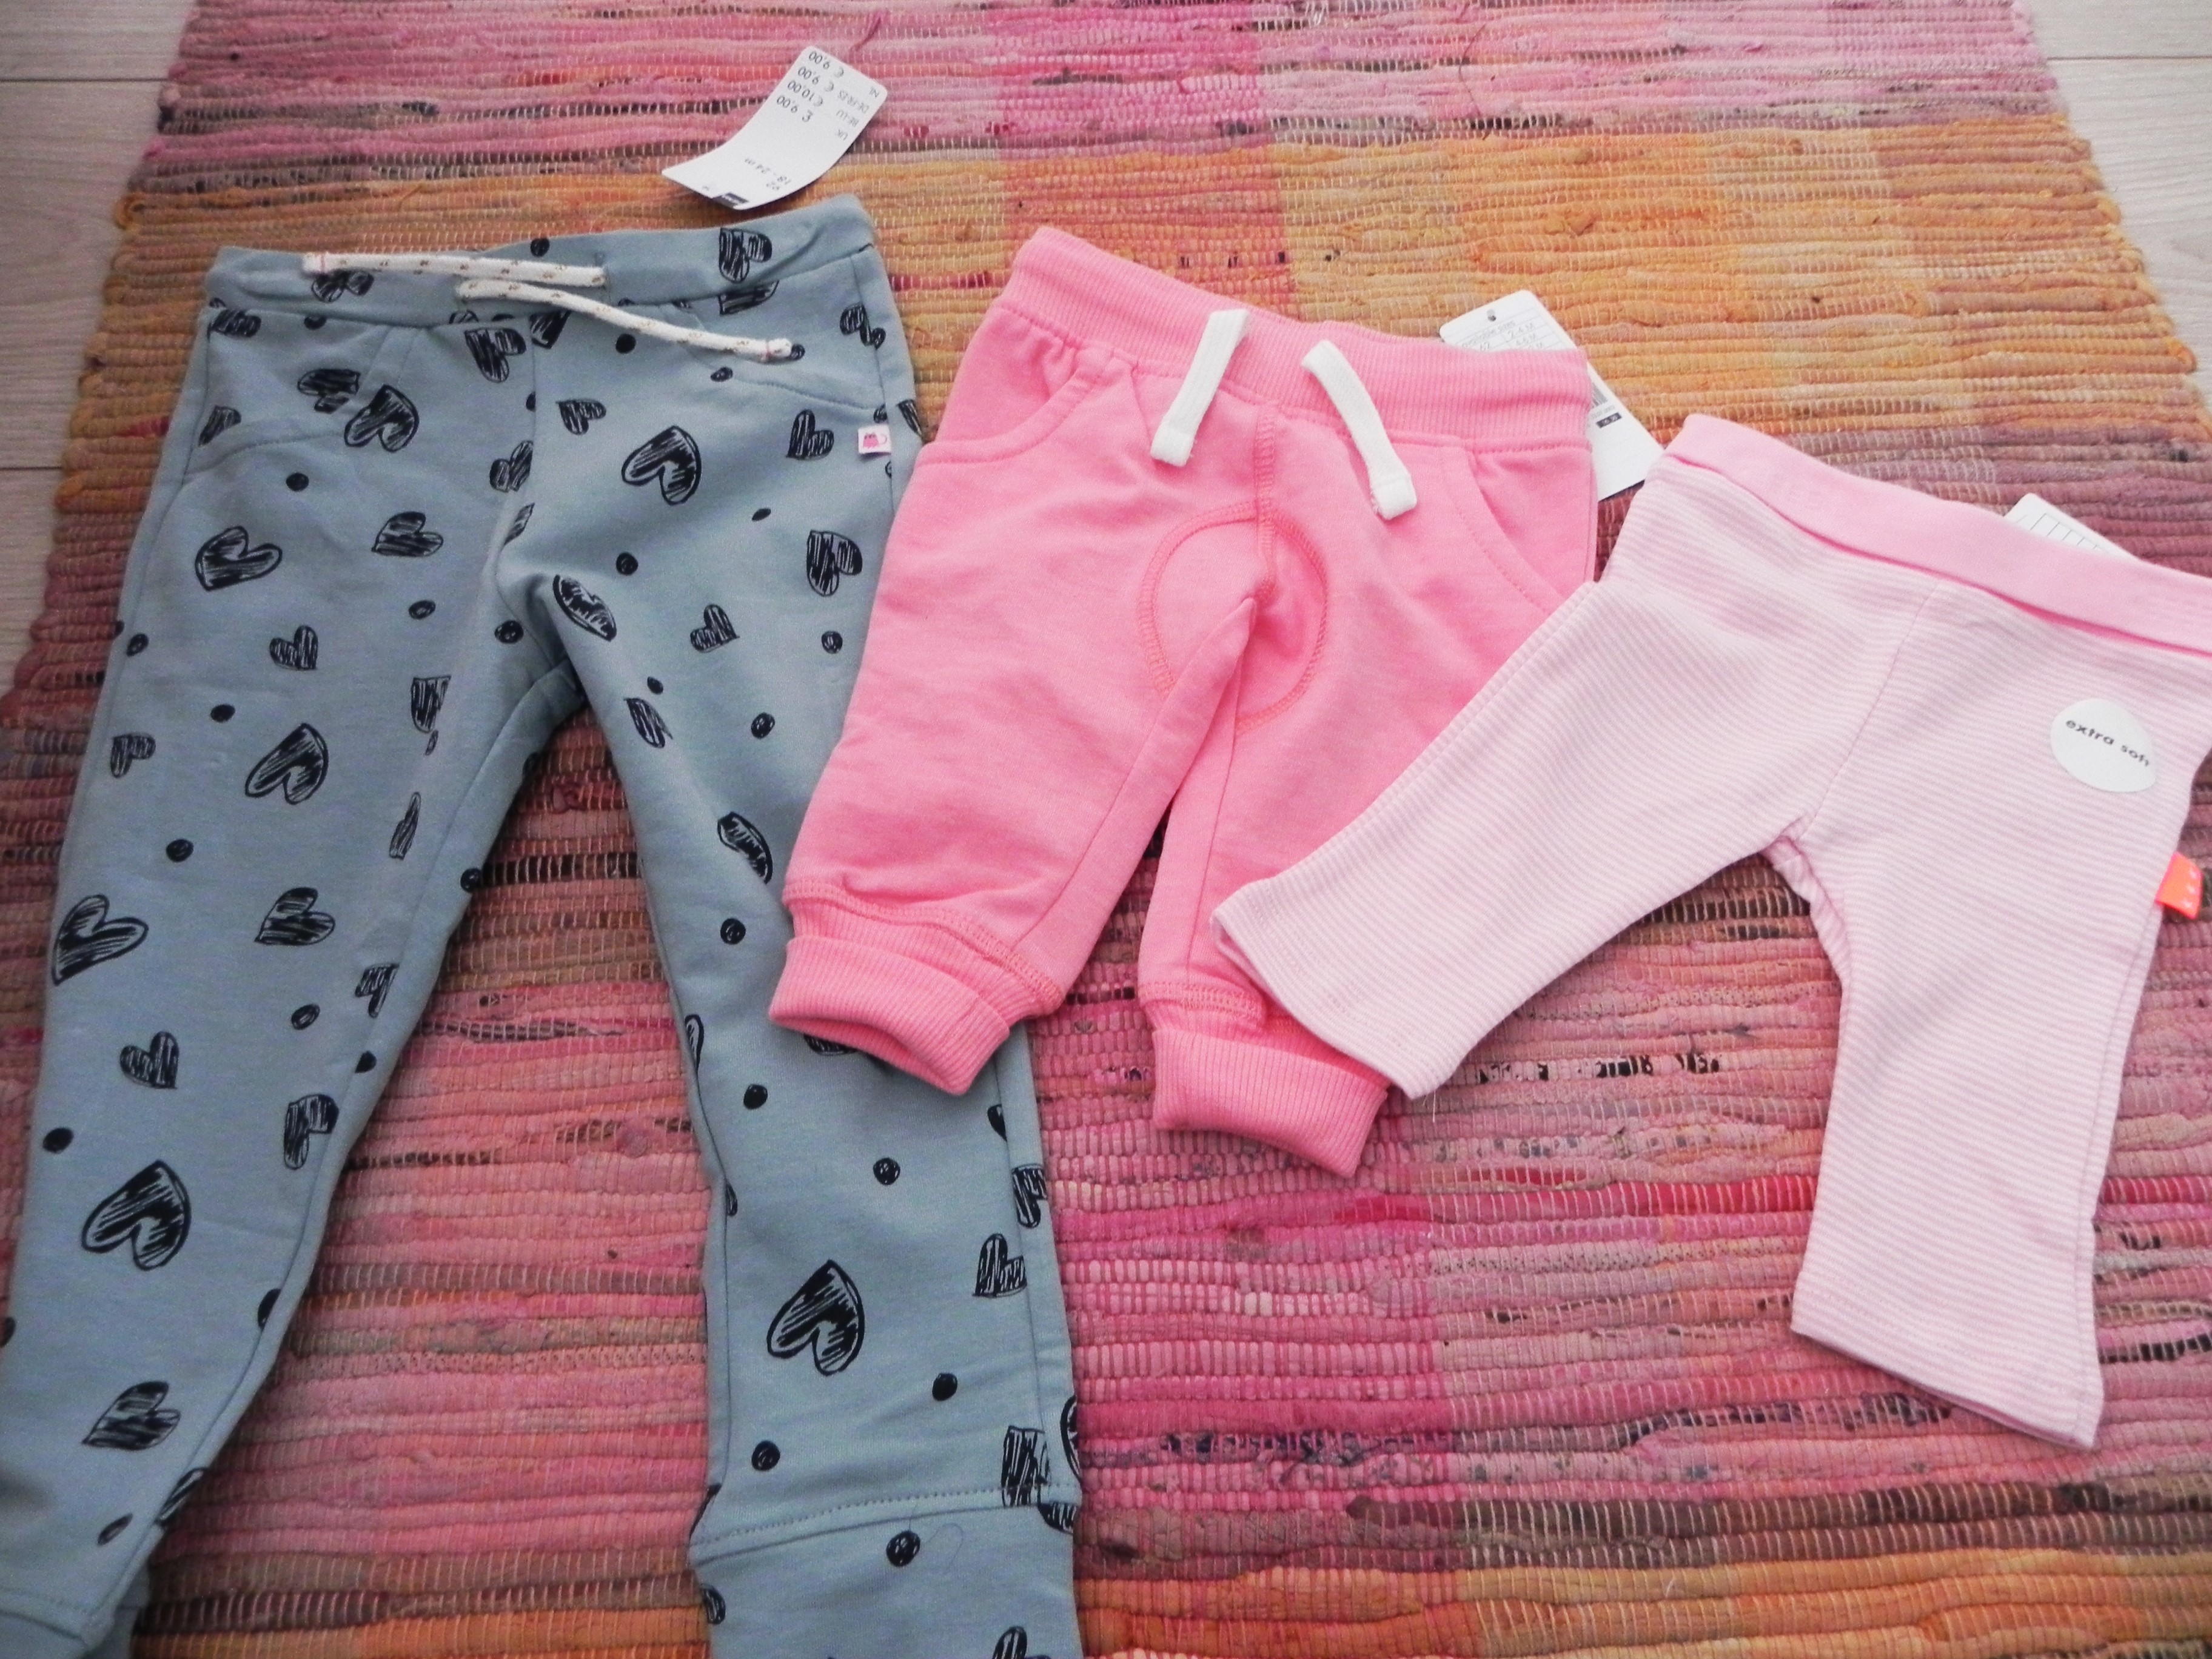 shoplog, hema, mama, mamablog, baby, kinderen, winkelen, lifestyleblog, La Log